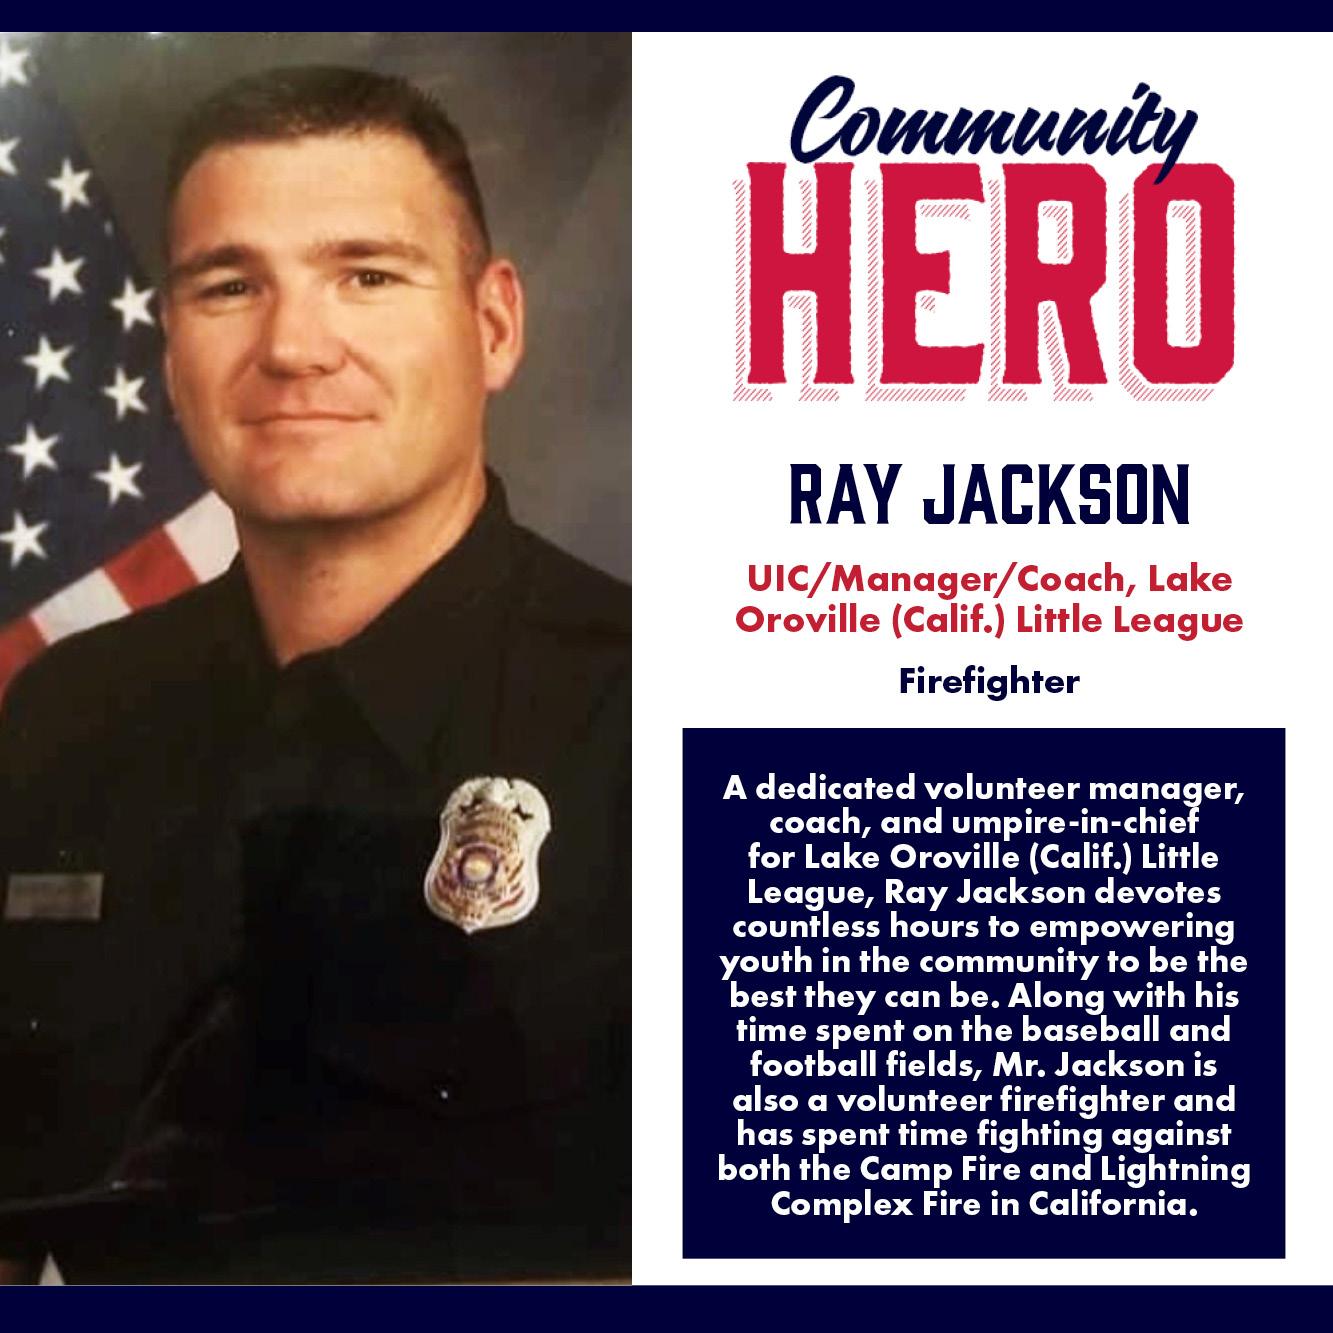 Ray Jackson Community Hero